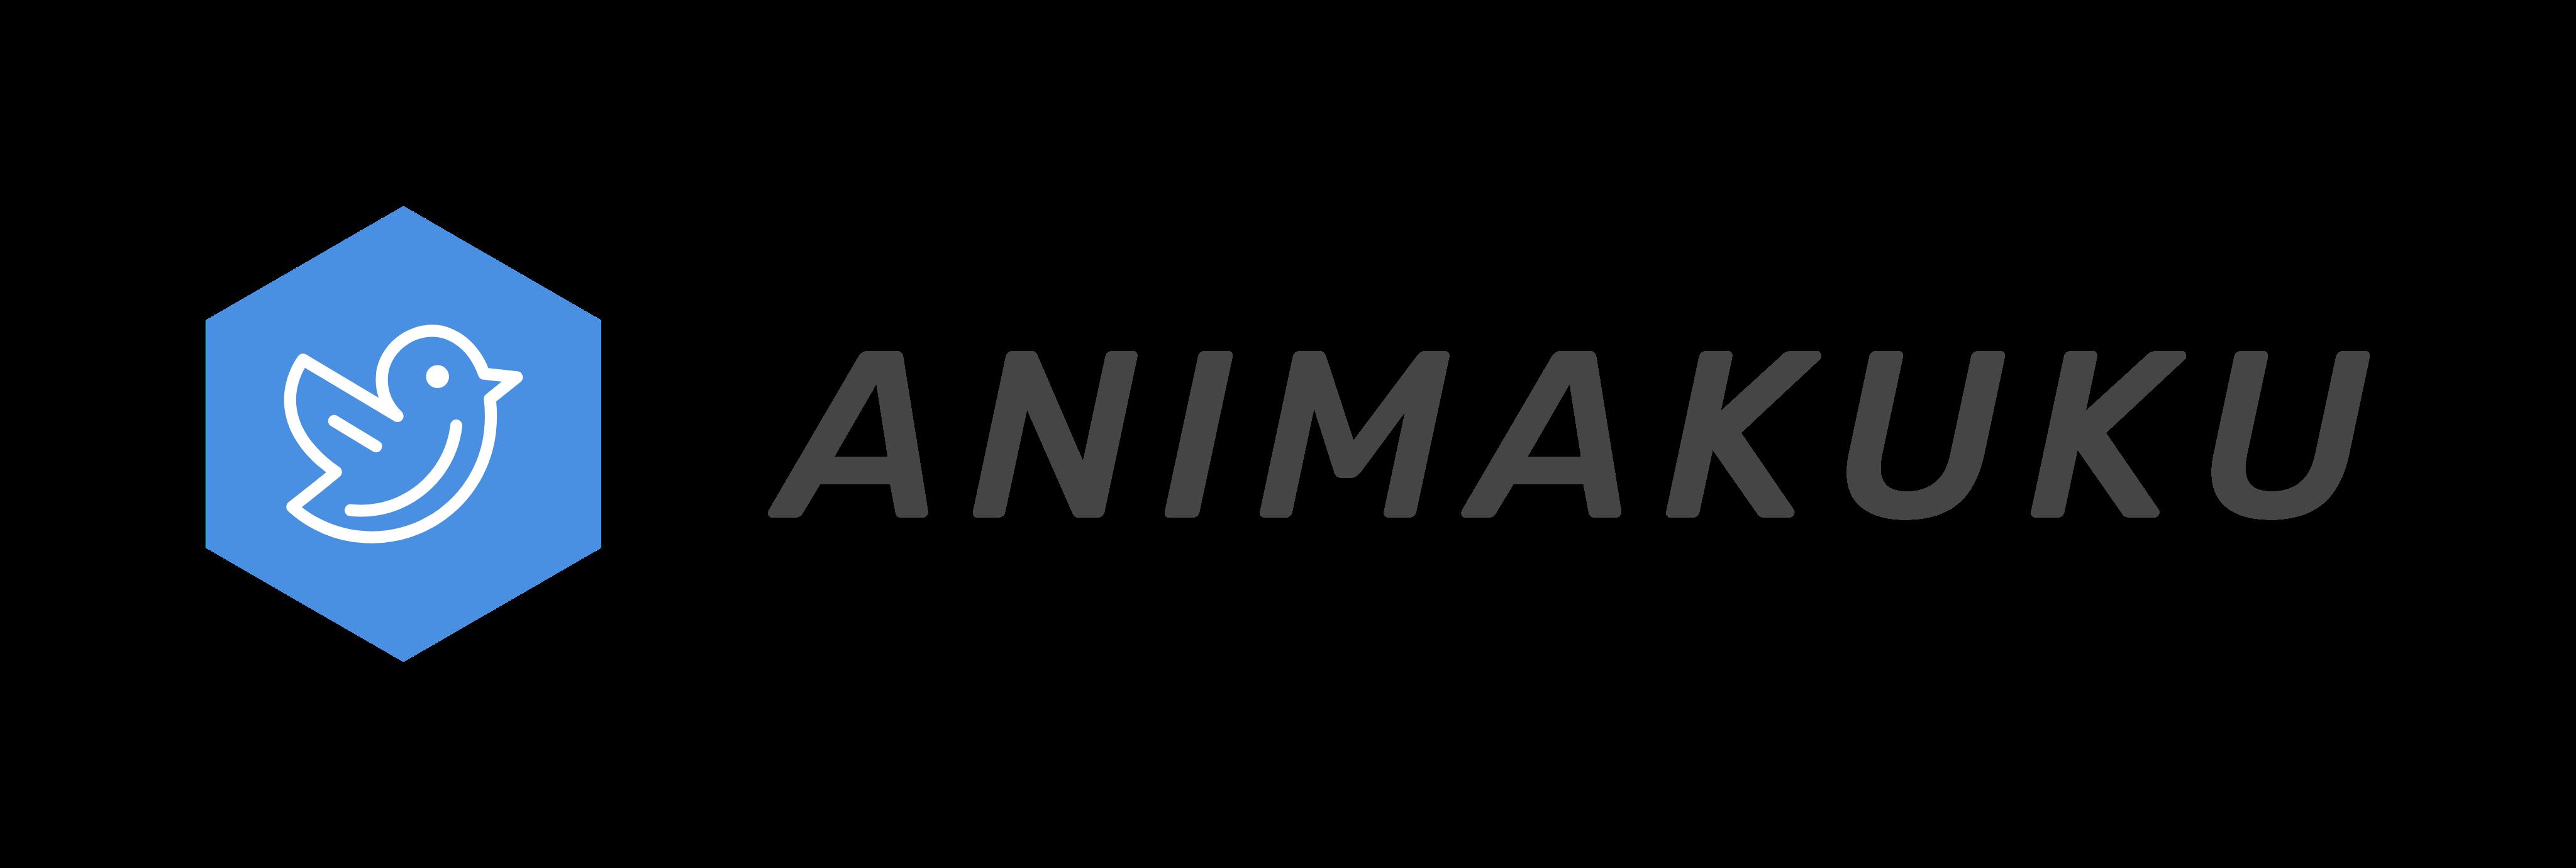 Uw animatievideo ontwerper!